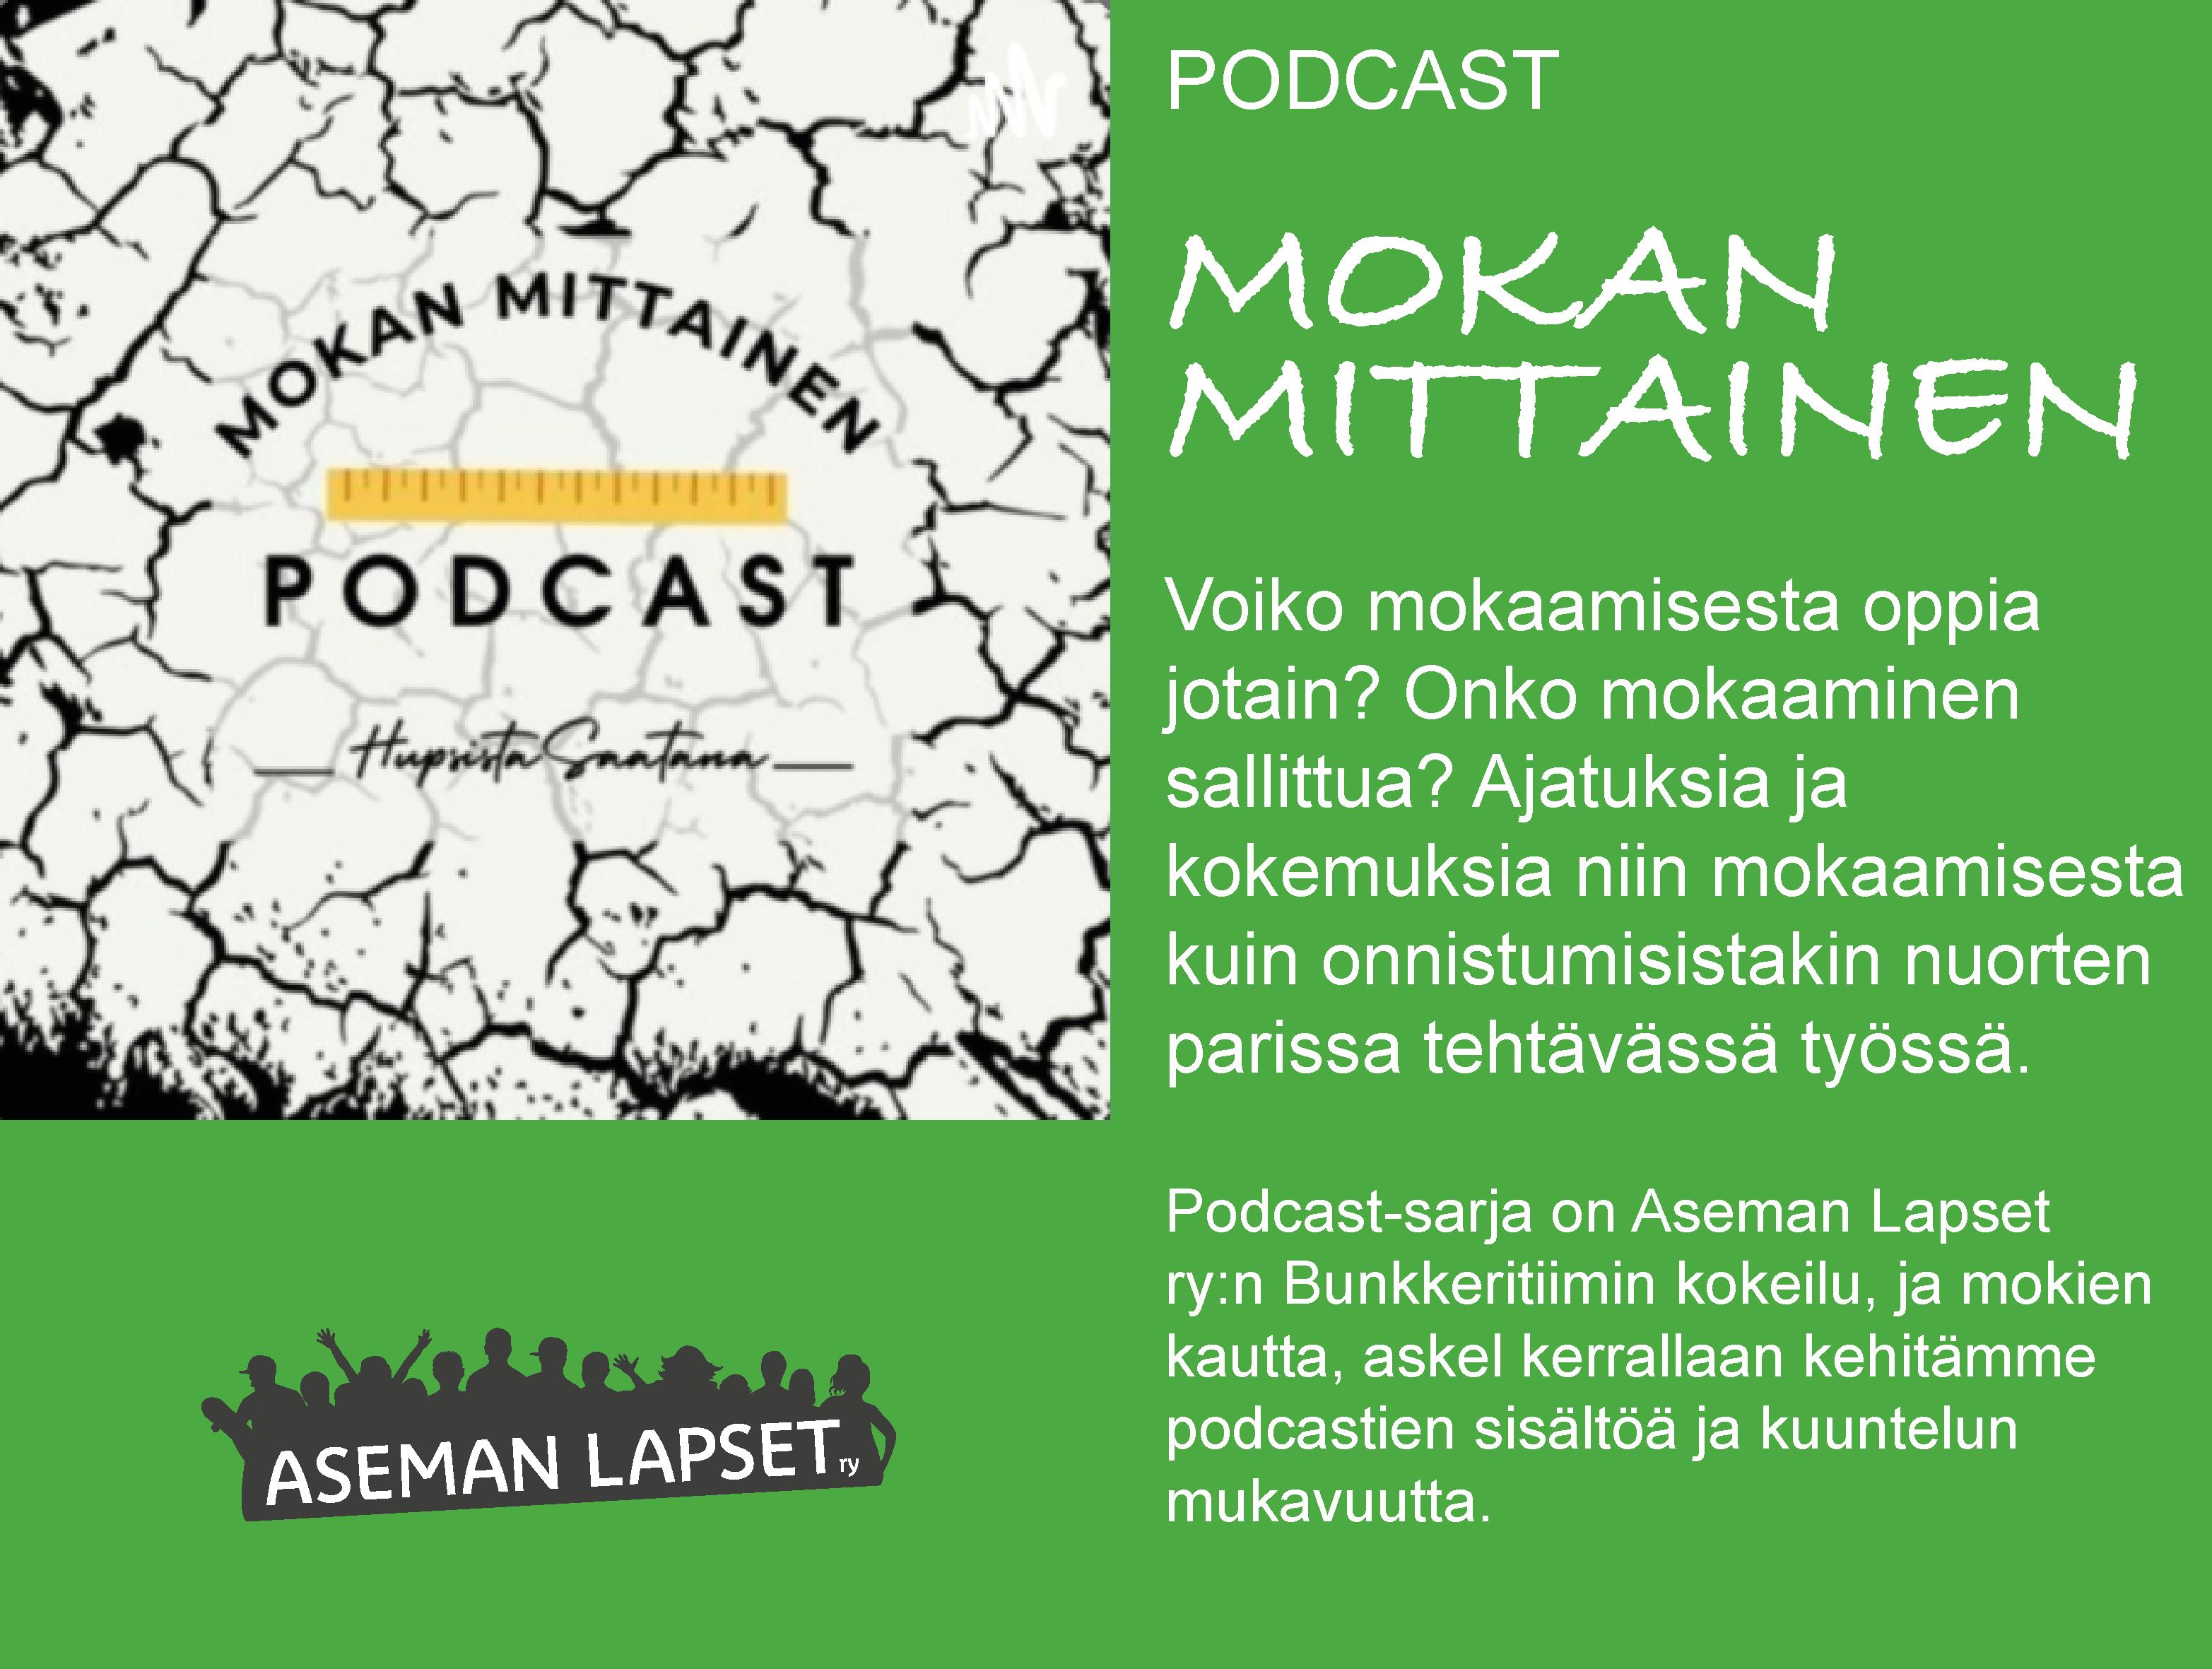 Mokan mittainen -podcast-sarja